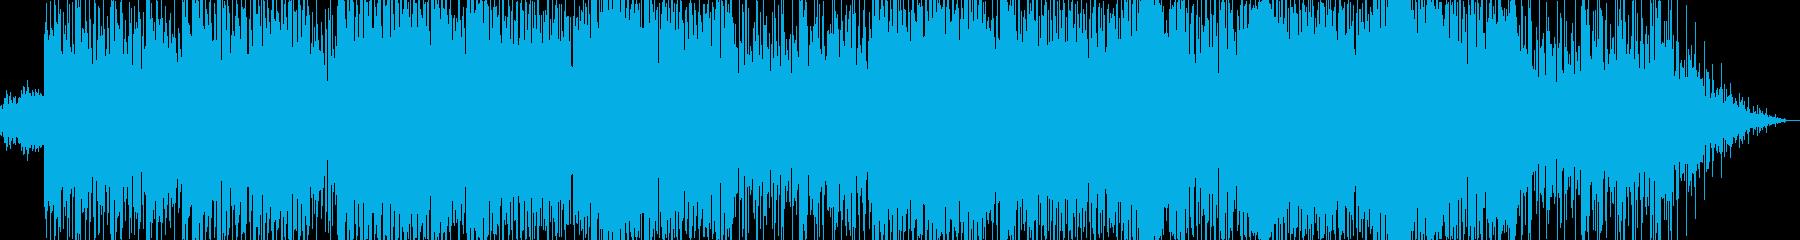 軽快なダンスフュージョンの再生済みの波形